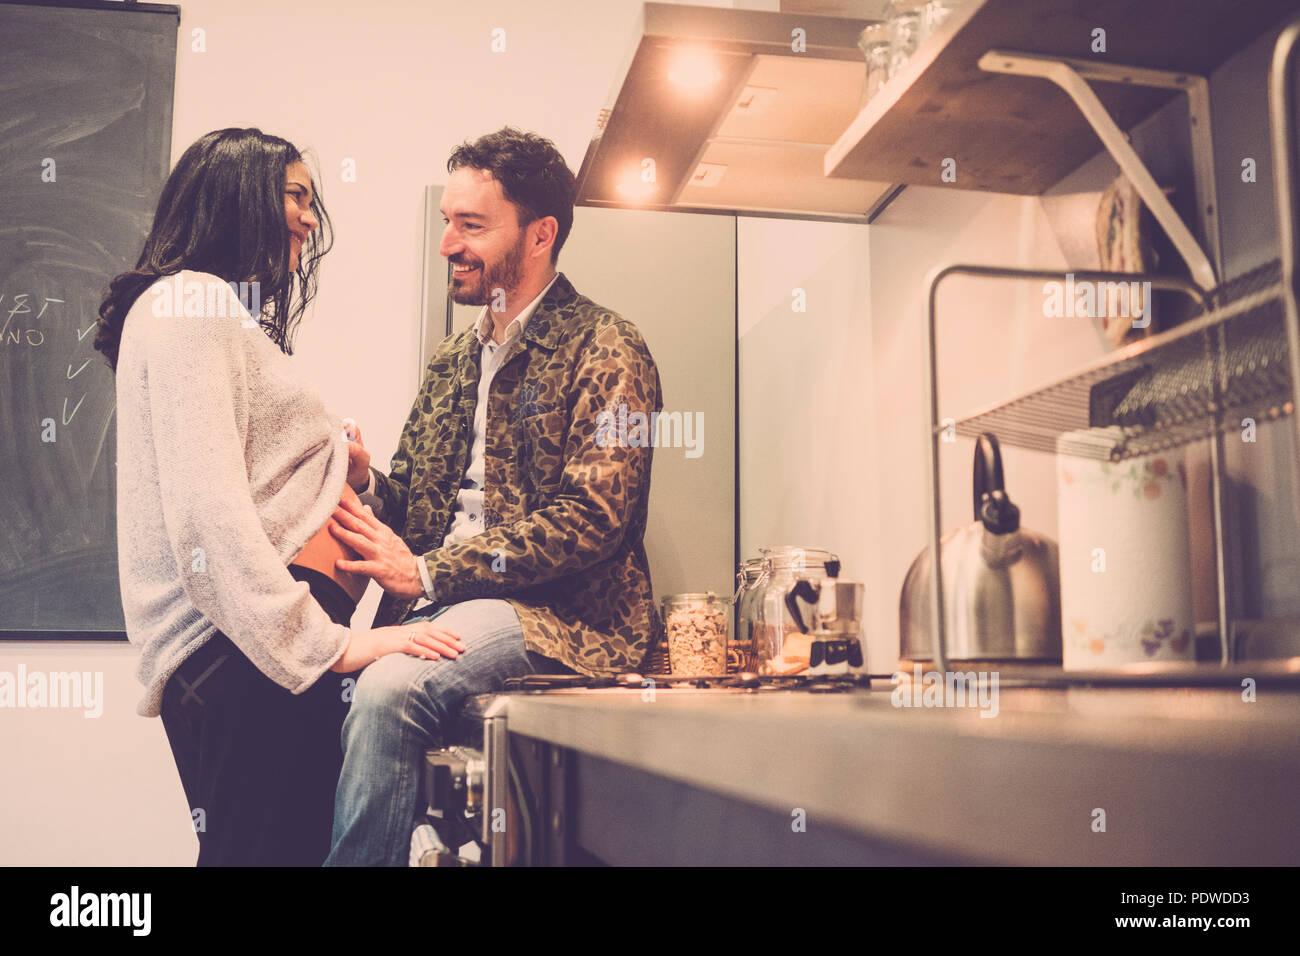 Paar Mann und Frau kaukasischen glückliche Menschen lächeln und Spaß haben mit dem schwangeren Bauch der Frau. Lächeln und Lachen warten die neuen Sohn. Liebe arbeiten Stockfoto